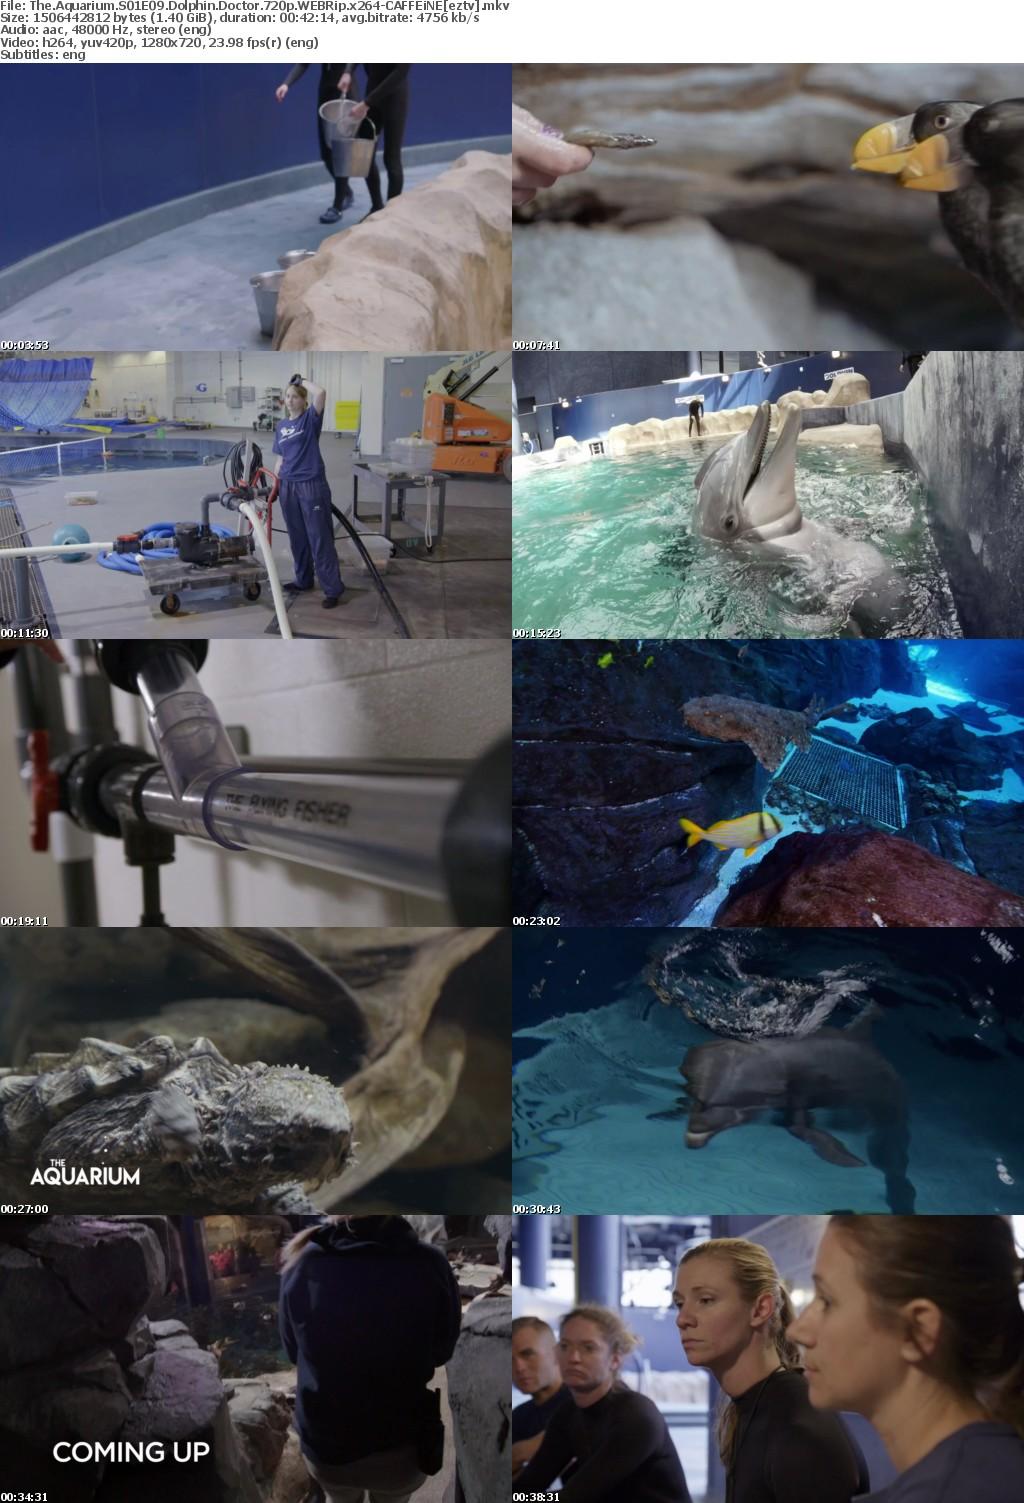 The Aquarium S01E09 Dolphin Doctor 720p WEBRip x264 CAFFEiNE